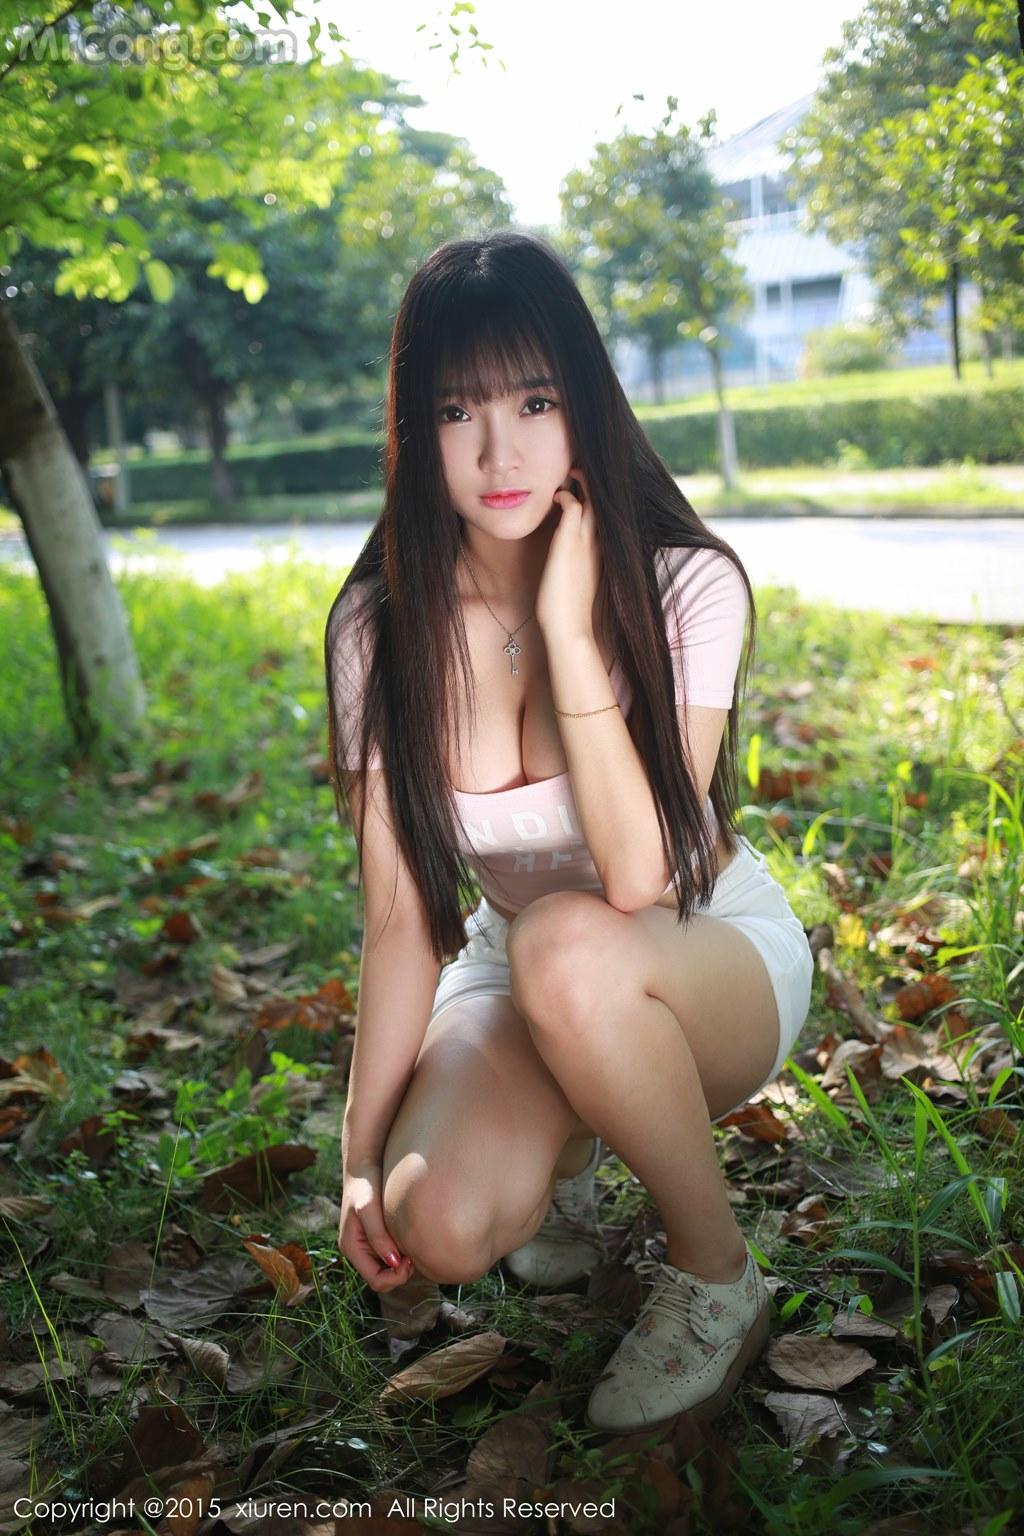 MrCong.com XIUREN No.345 Xia Yao baby 007 - XIUREN No.345: Model Xia Yao baby (夏 瑶 baby) (43 pictures)